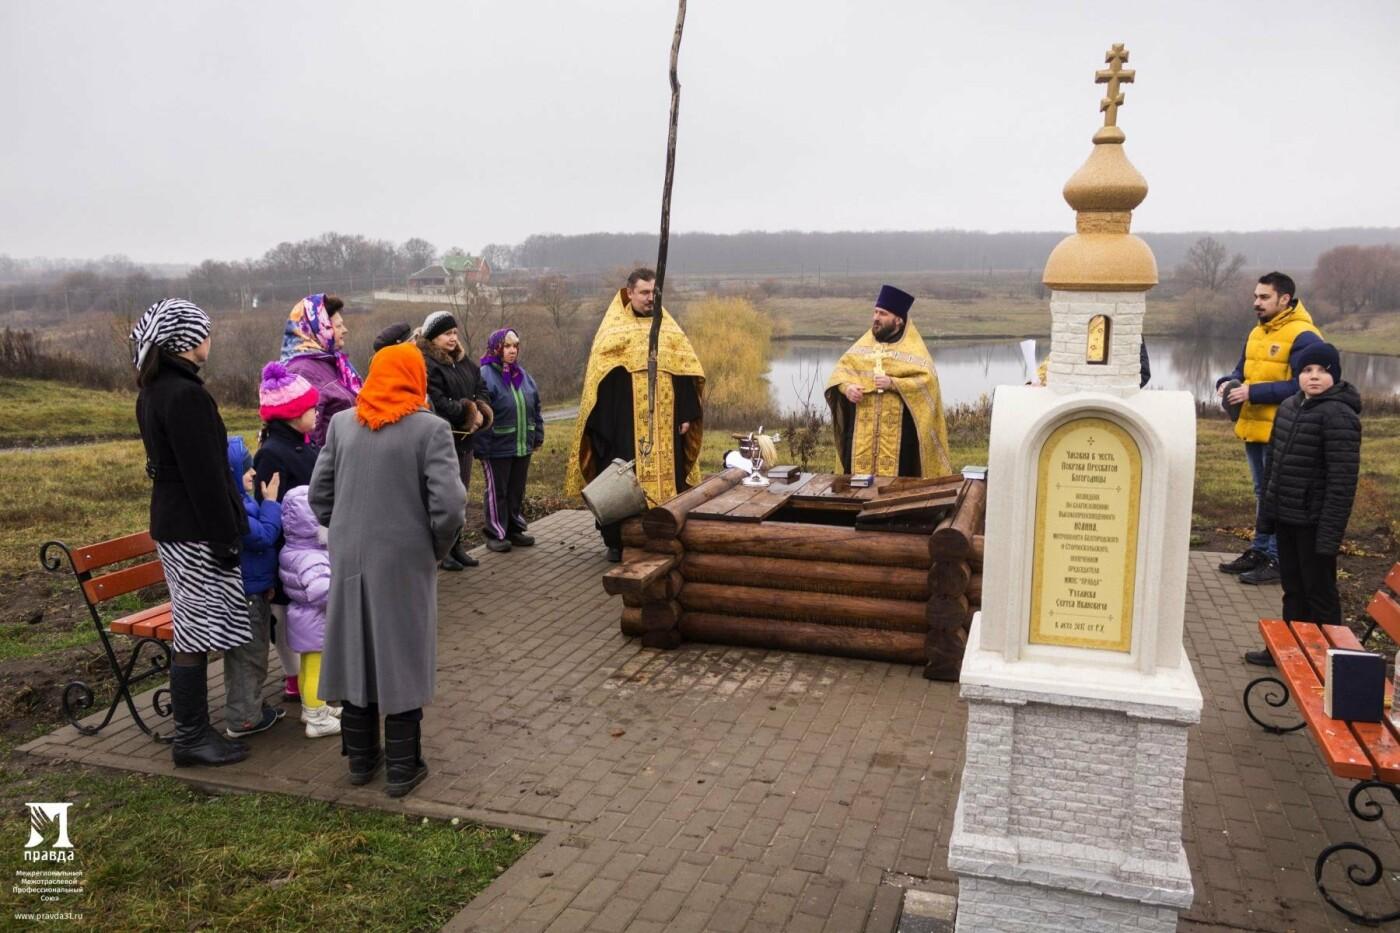 Белгородская митрополия и профсоюз «Правда» начали взаимодействие в сфере укрепления православных традиций на Белгородчине, фото-20